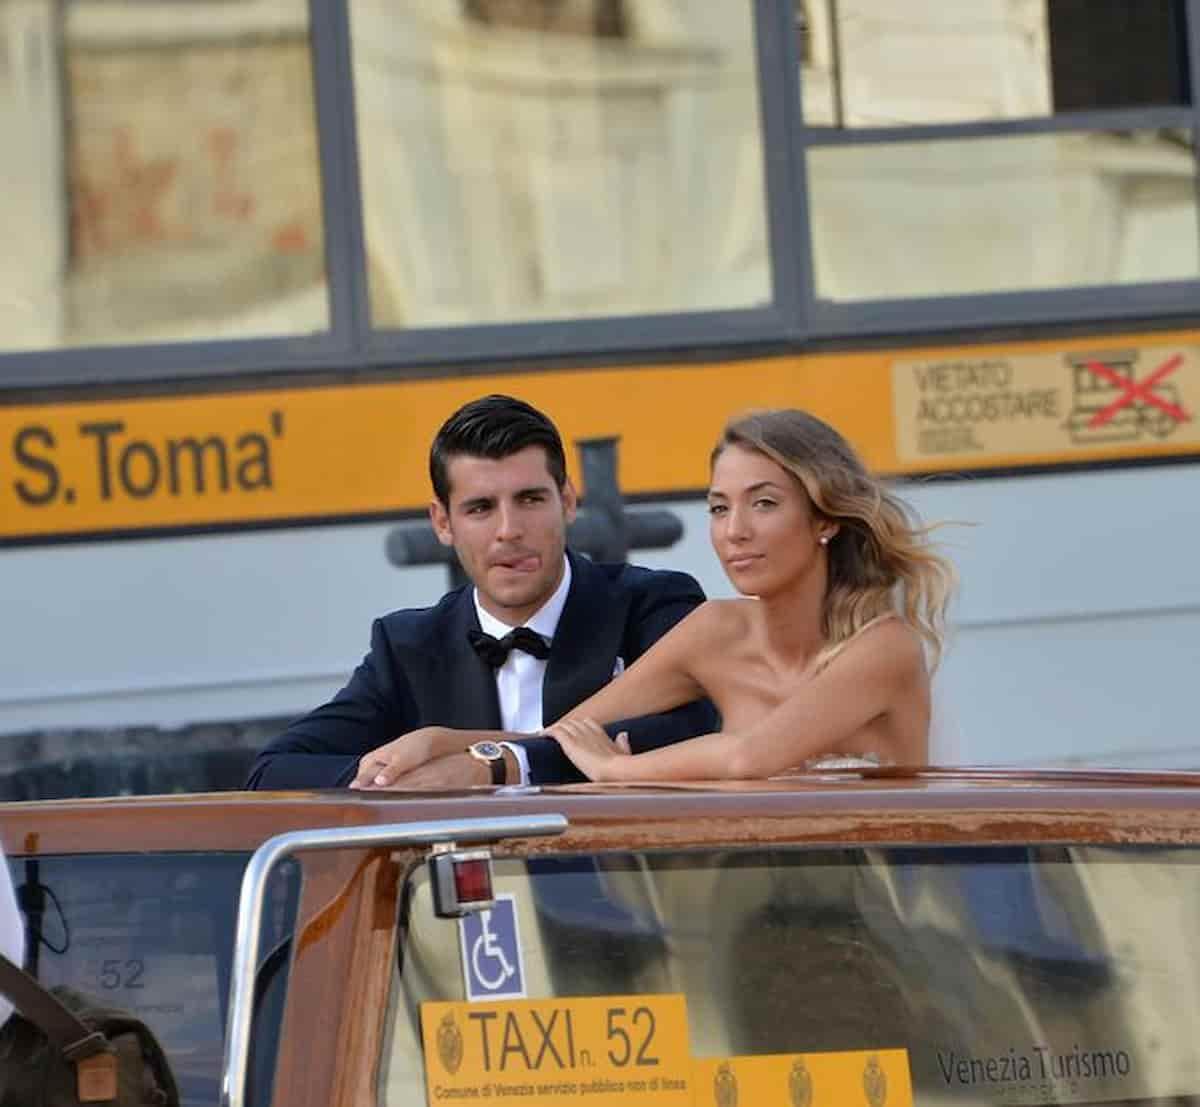 Alice Campello e Alvaro Morata, età, matrimonio, figli: l'influencer e il calciatore ospiti di Verissimo